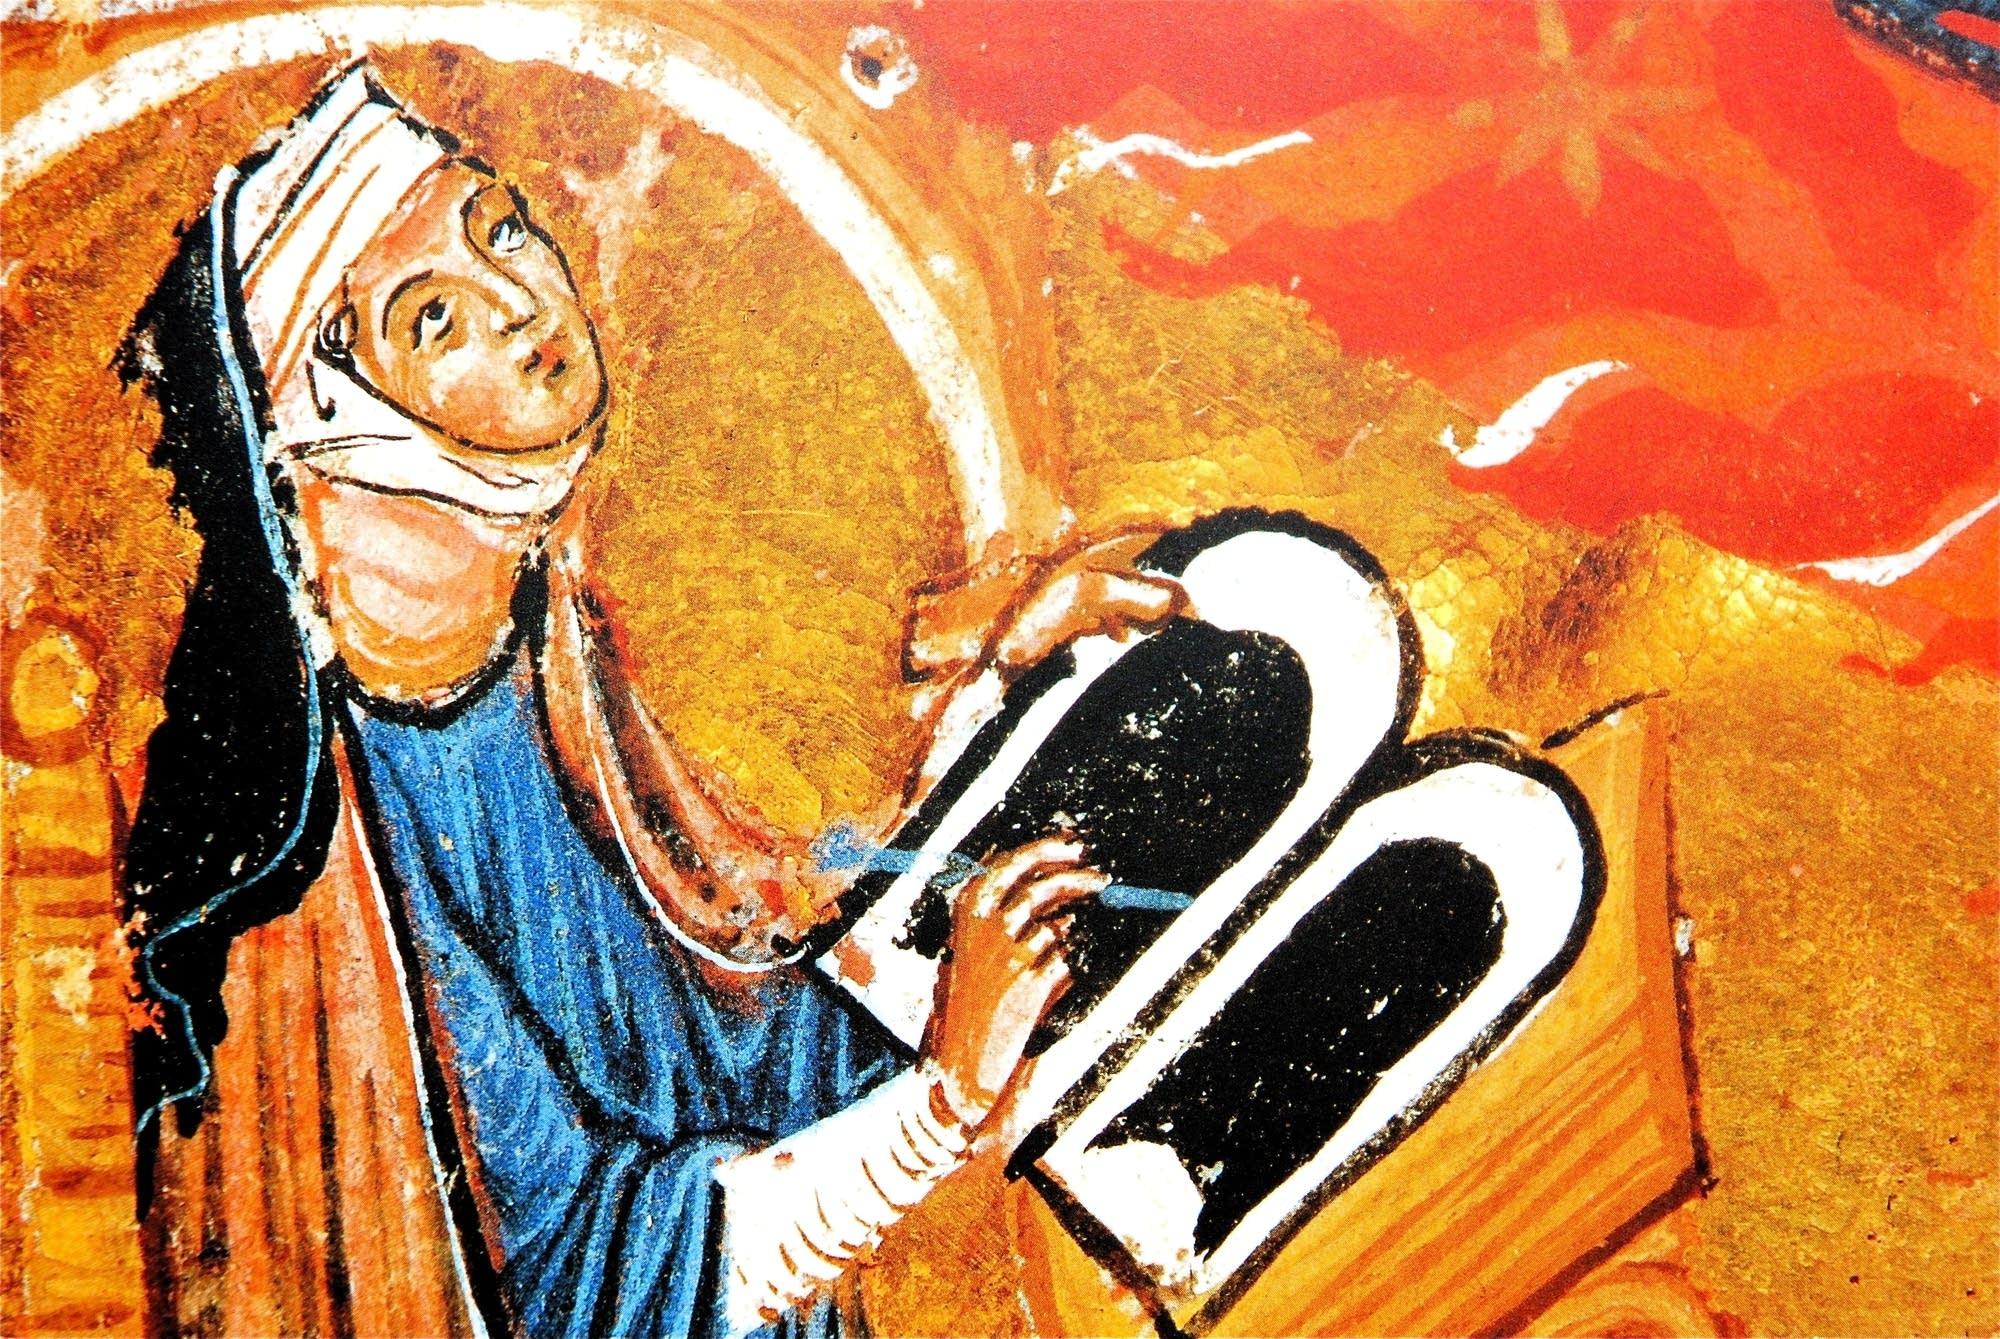 Hildegard von Bingen composing at her desk.